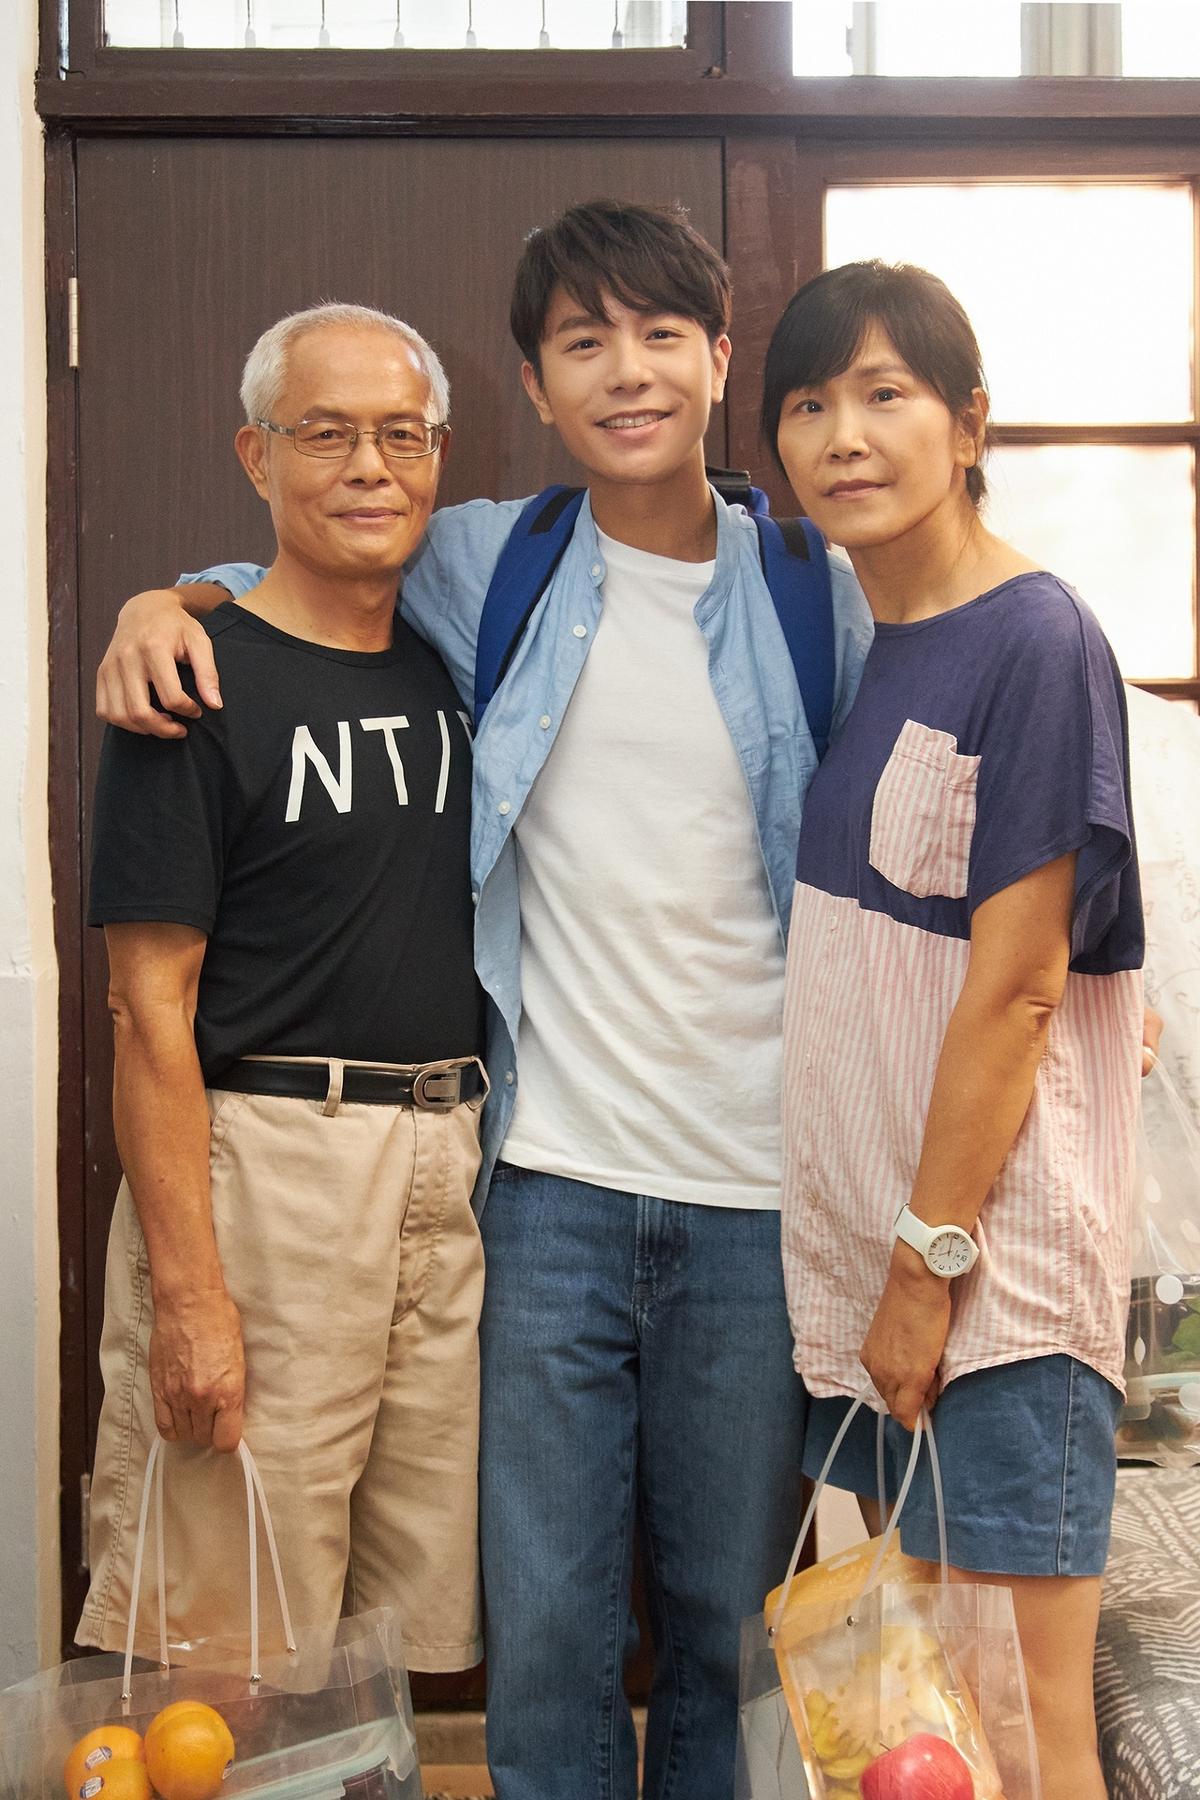 爸媽首入鏡戲胞大開 韋禮安MV真實上演韋家生活